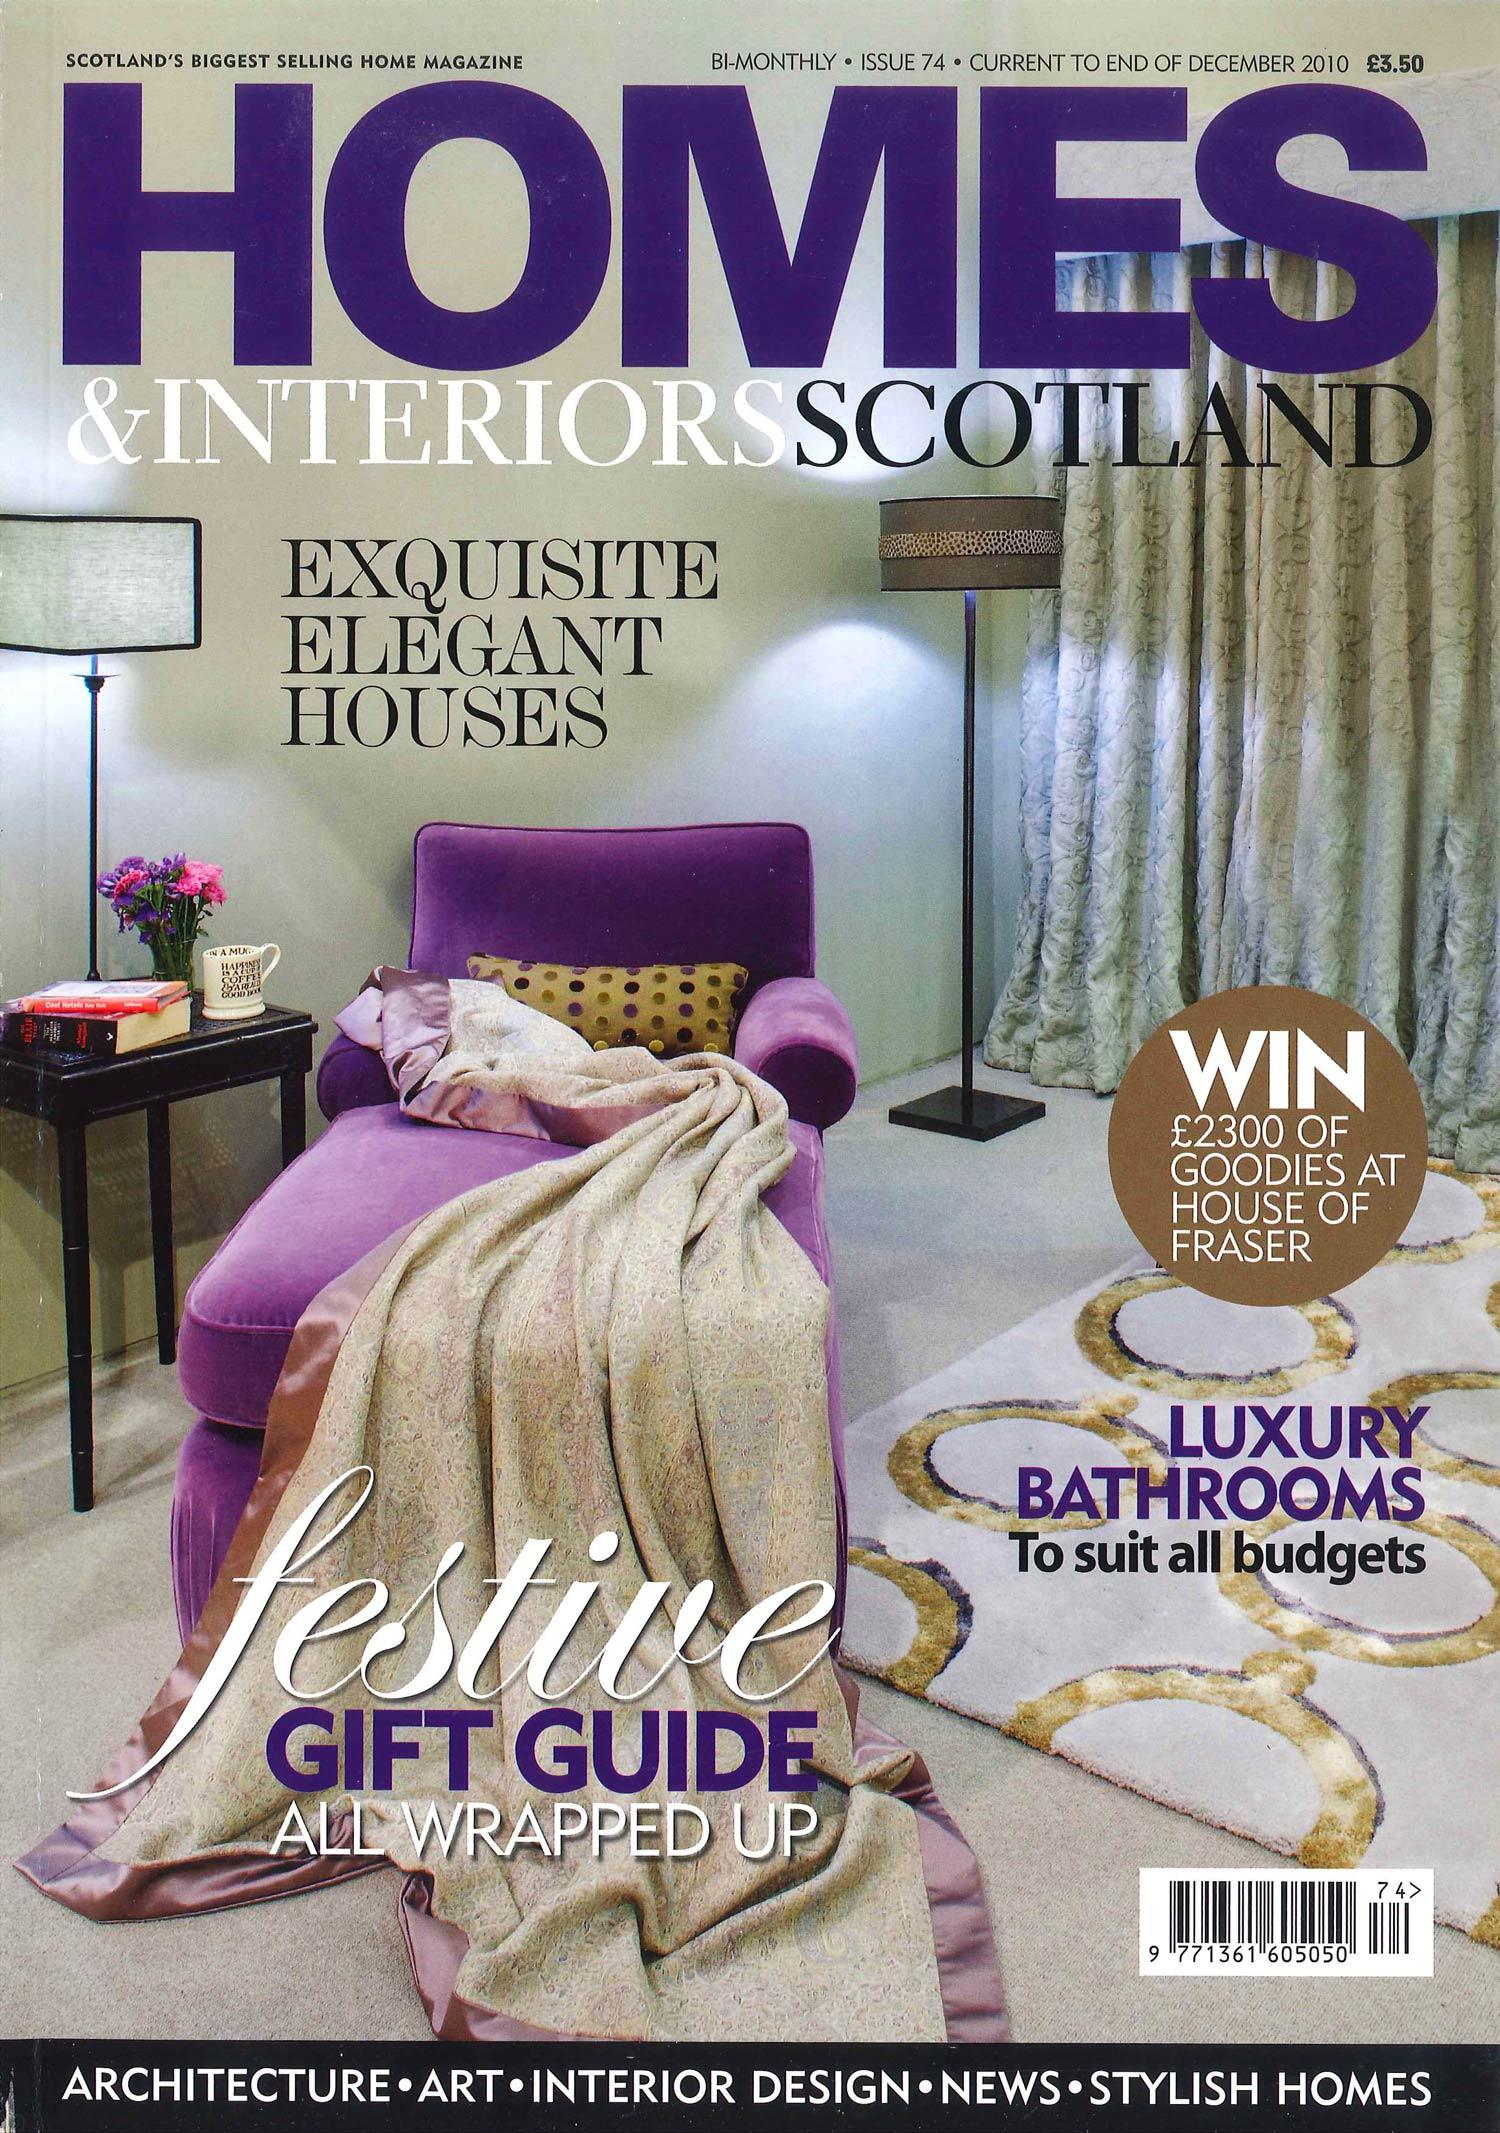 Copy of Homes & Interiors Scotland